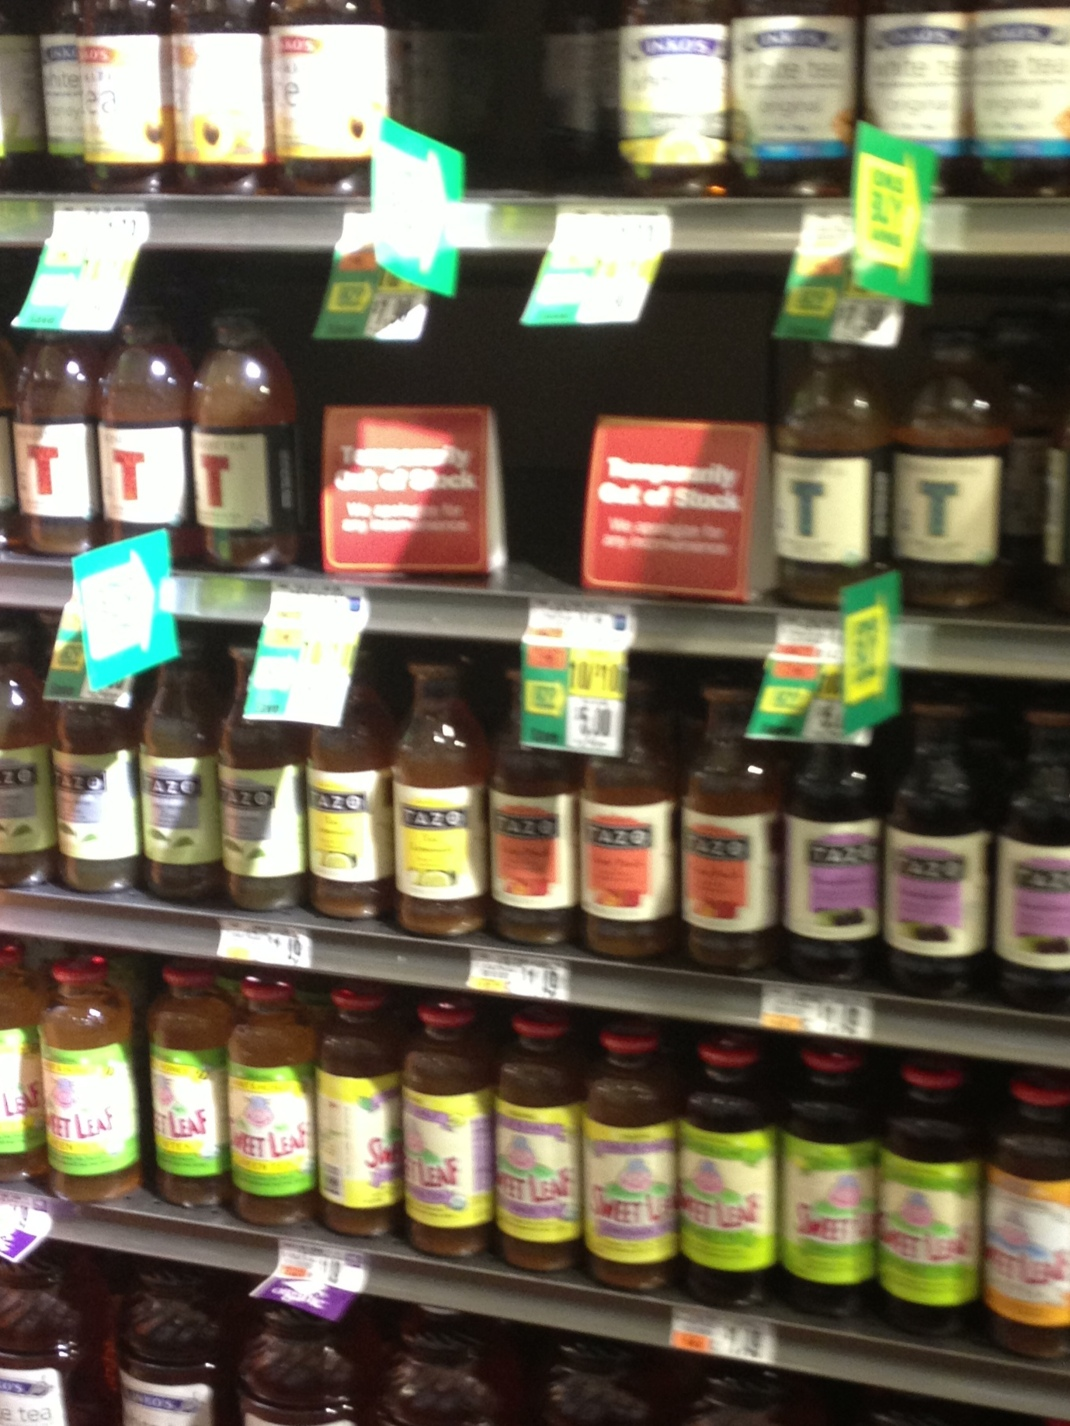 Tazo Tea Bottles